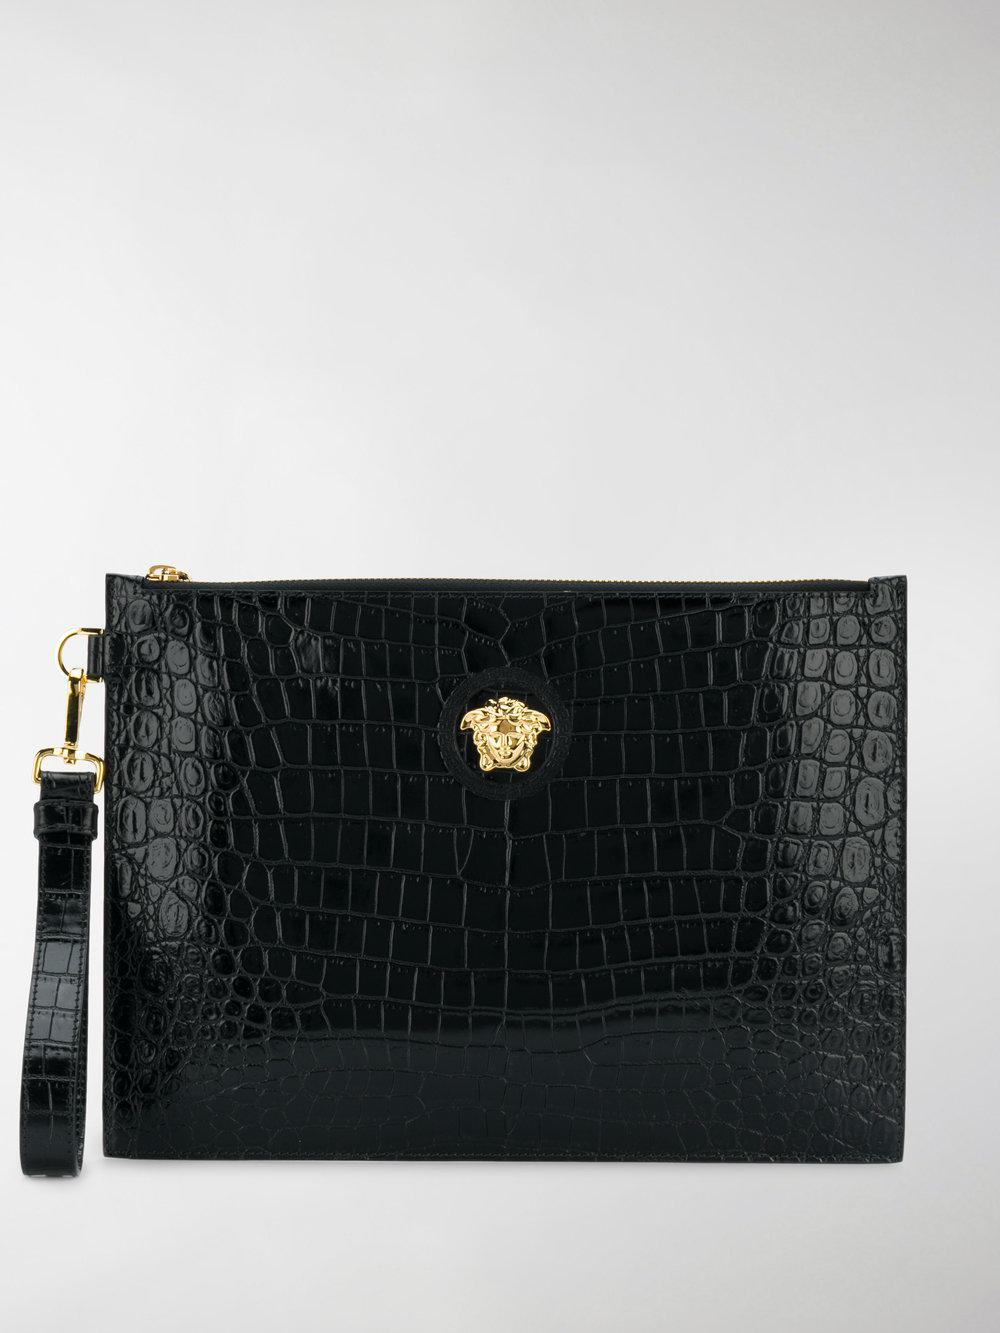 257b670d5329 Lyst - Versace Medusa Clutch Bag in Black for Men - Save ...